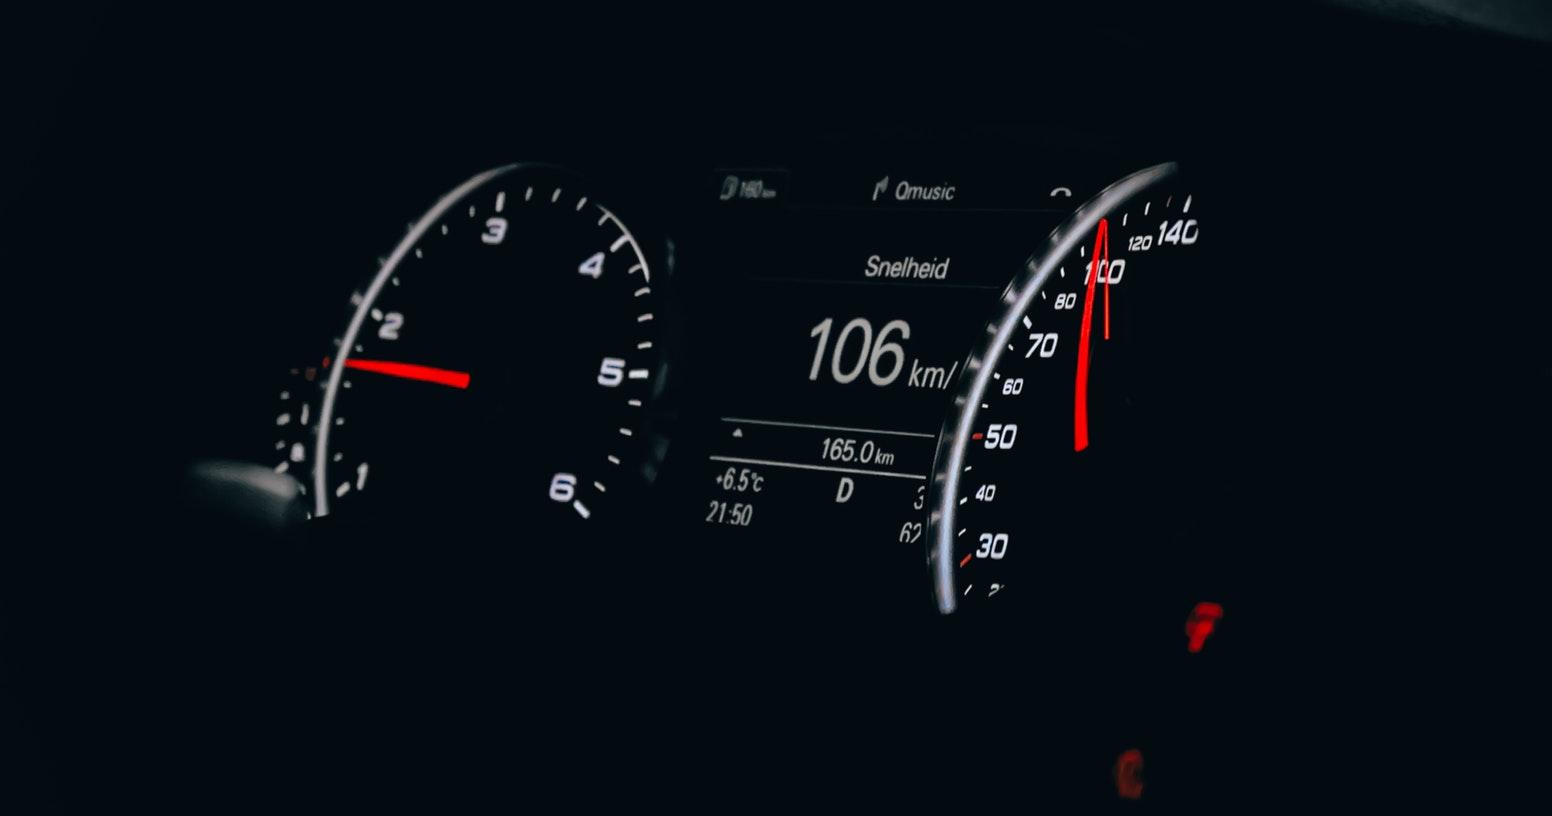 comment vérifier le kilométrage d'une voiture